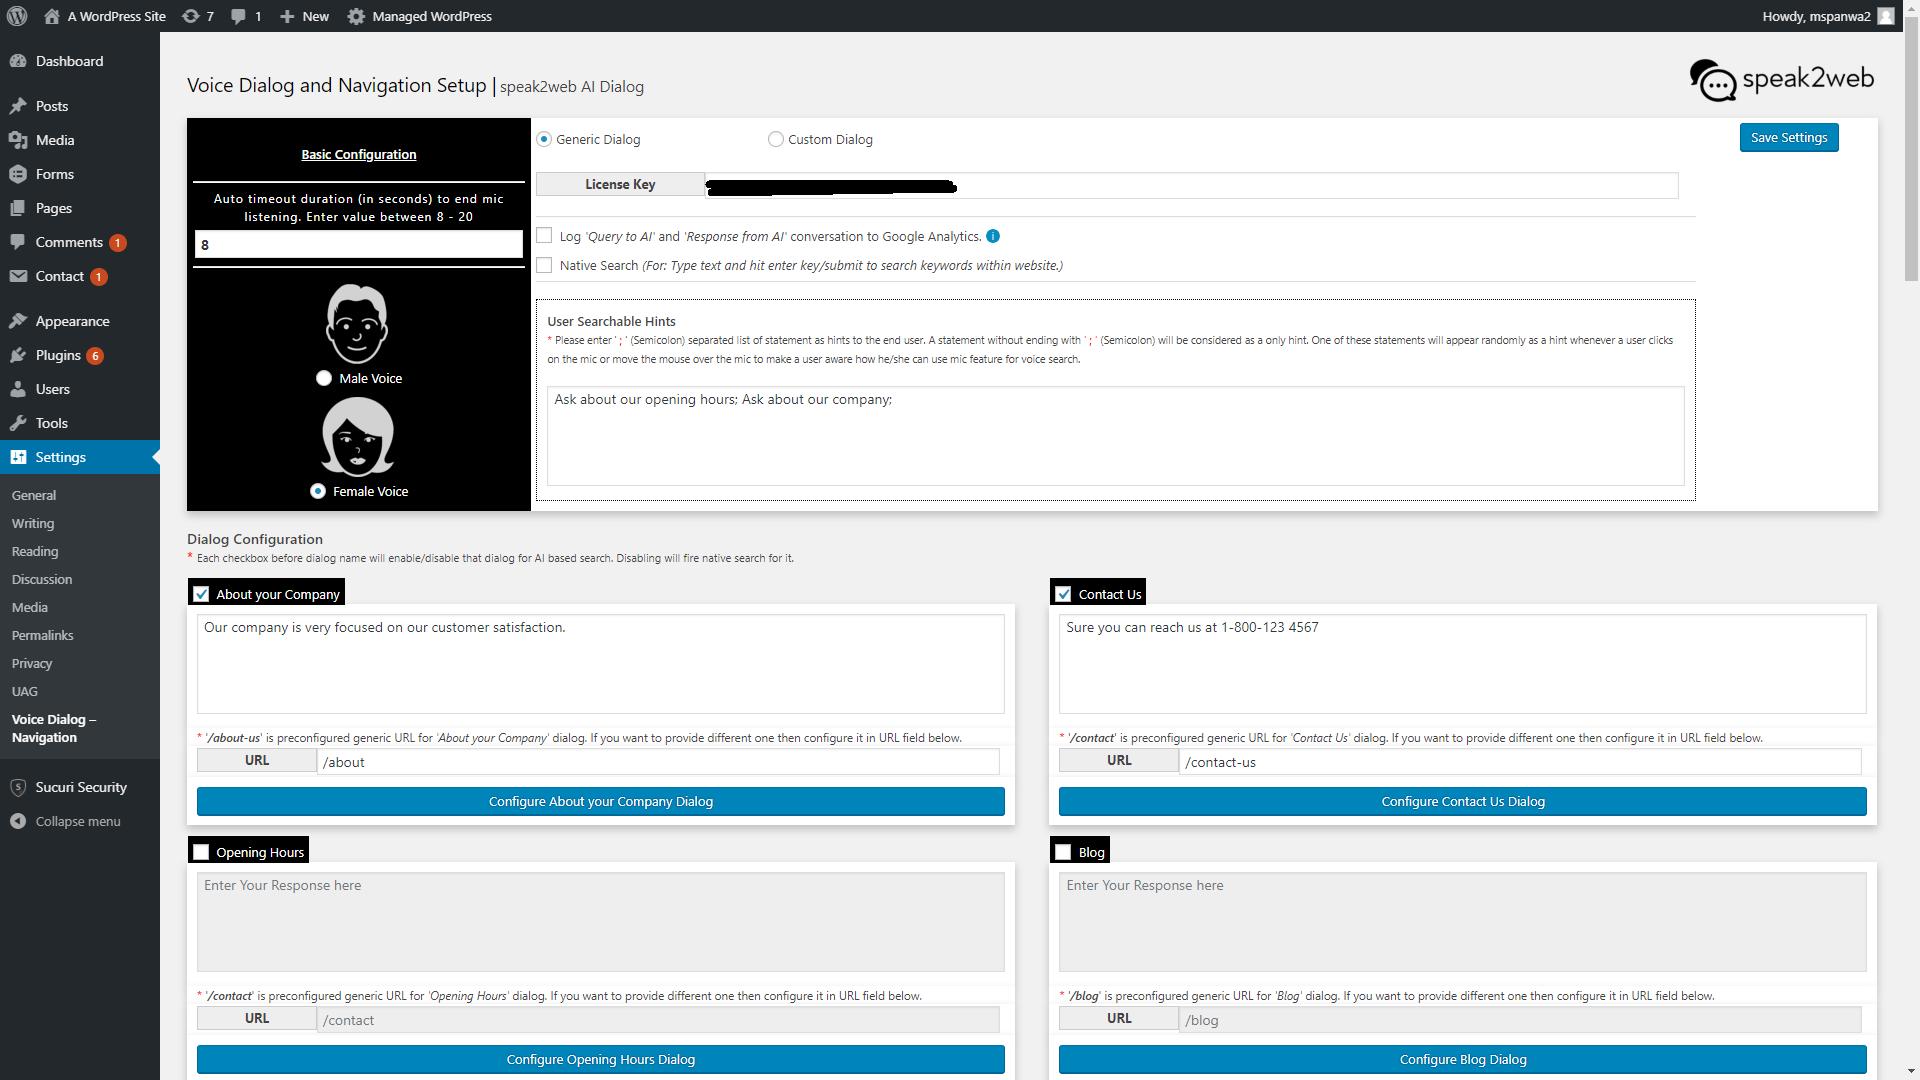 Dialog configuration screen